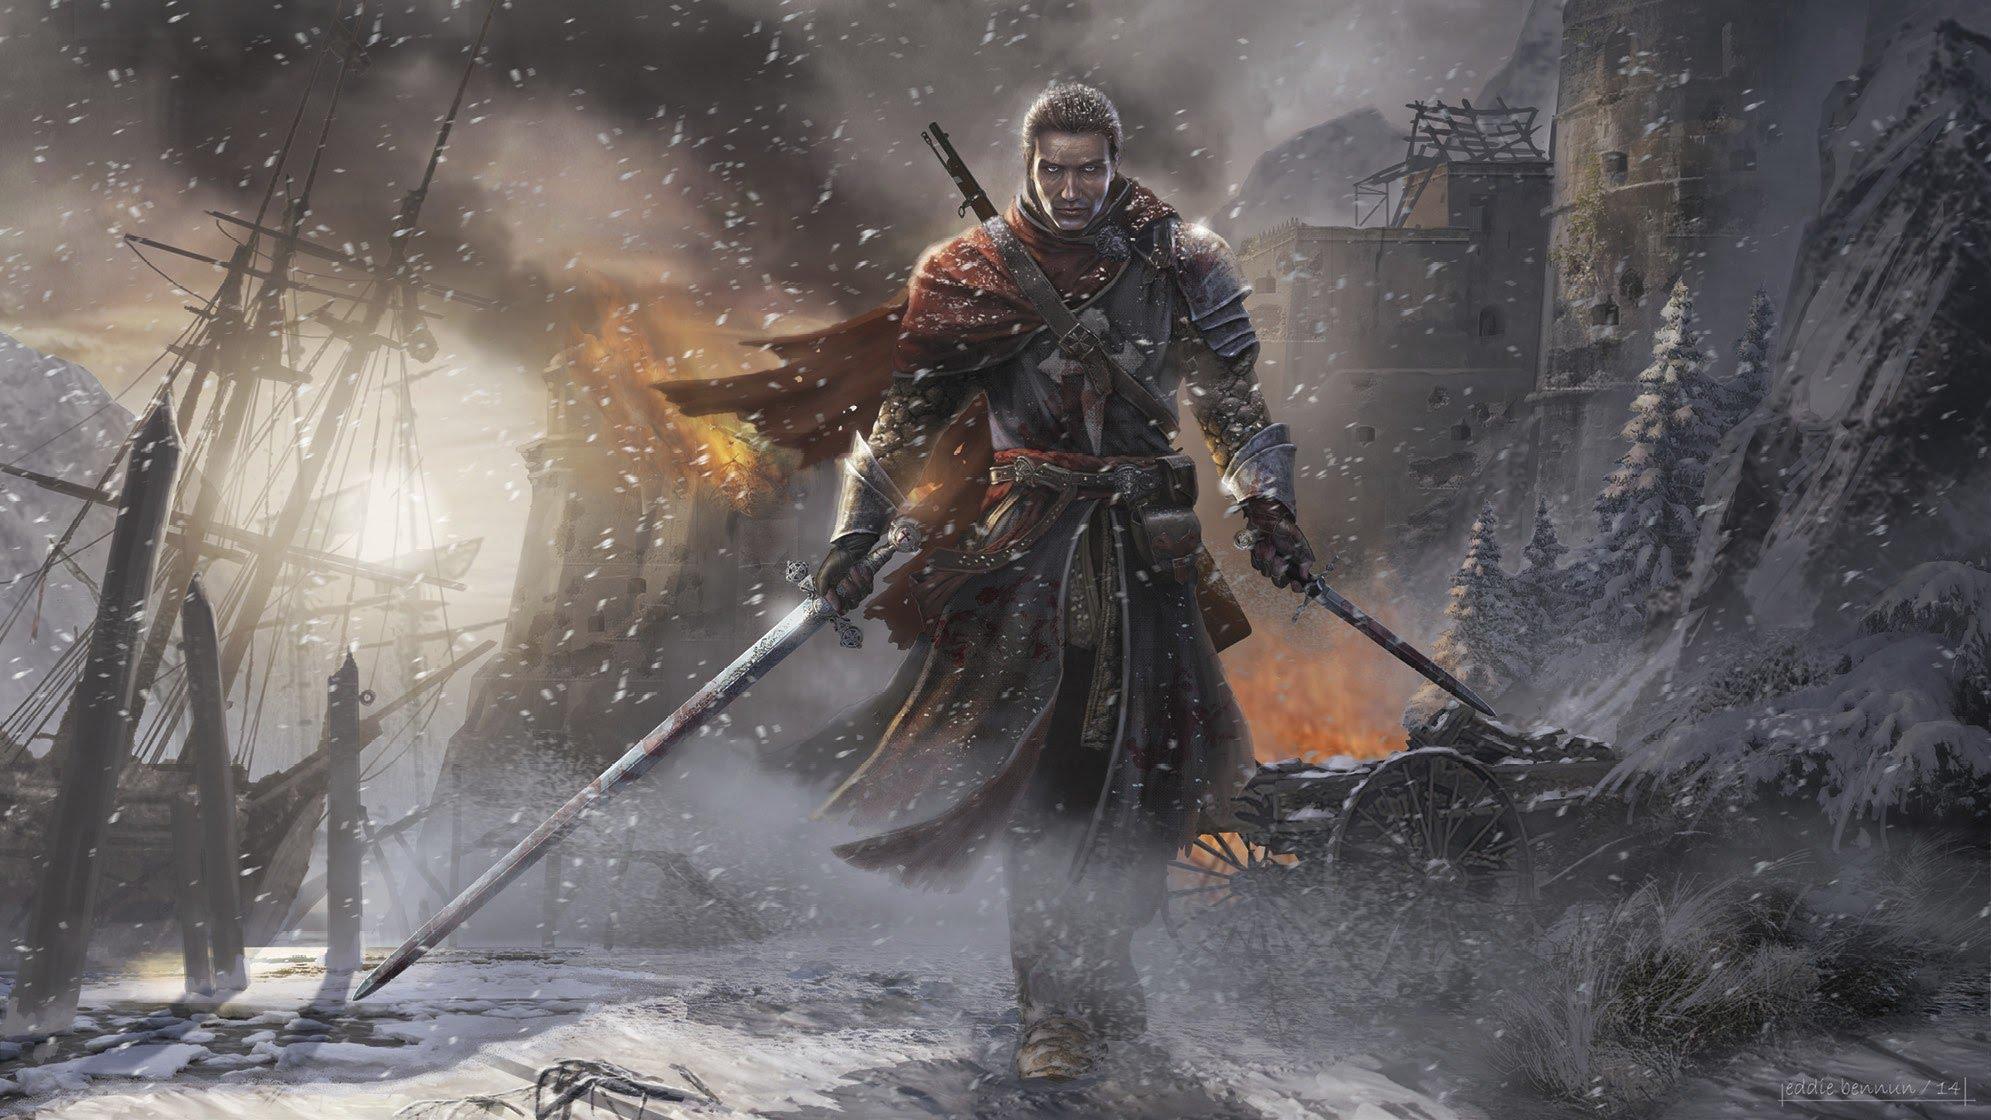 Art - Assassin's Creed: Rogue Арт